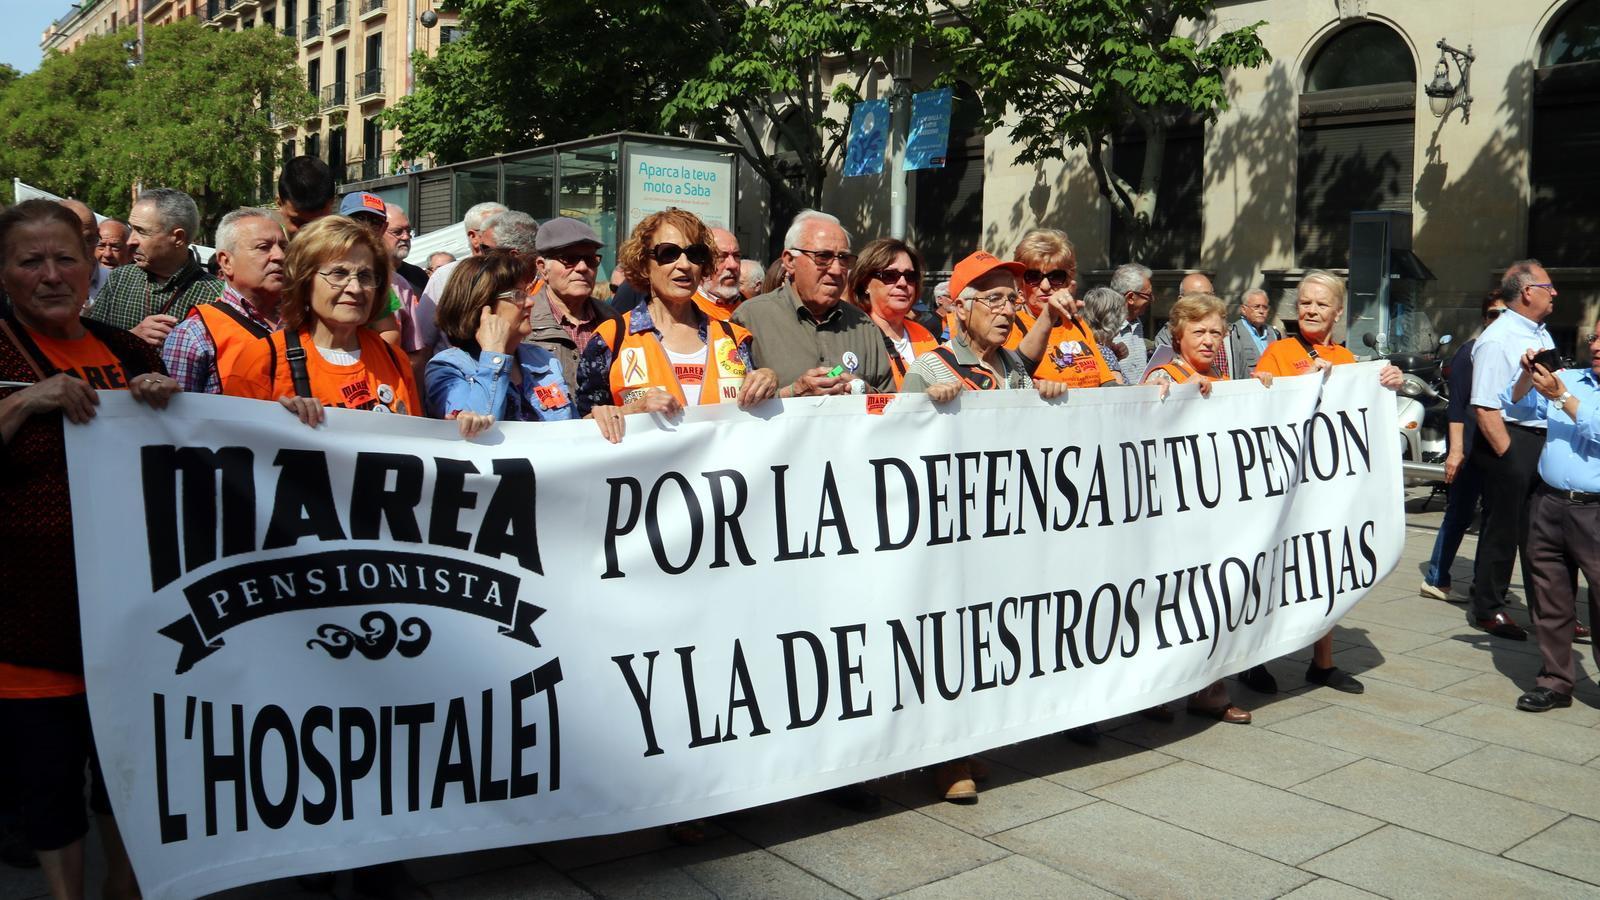 Una de les pancartes exhibides aquest dissabte durant la marxa reivindicativa en defensa de les pensions a Barcelona